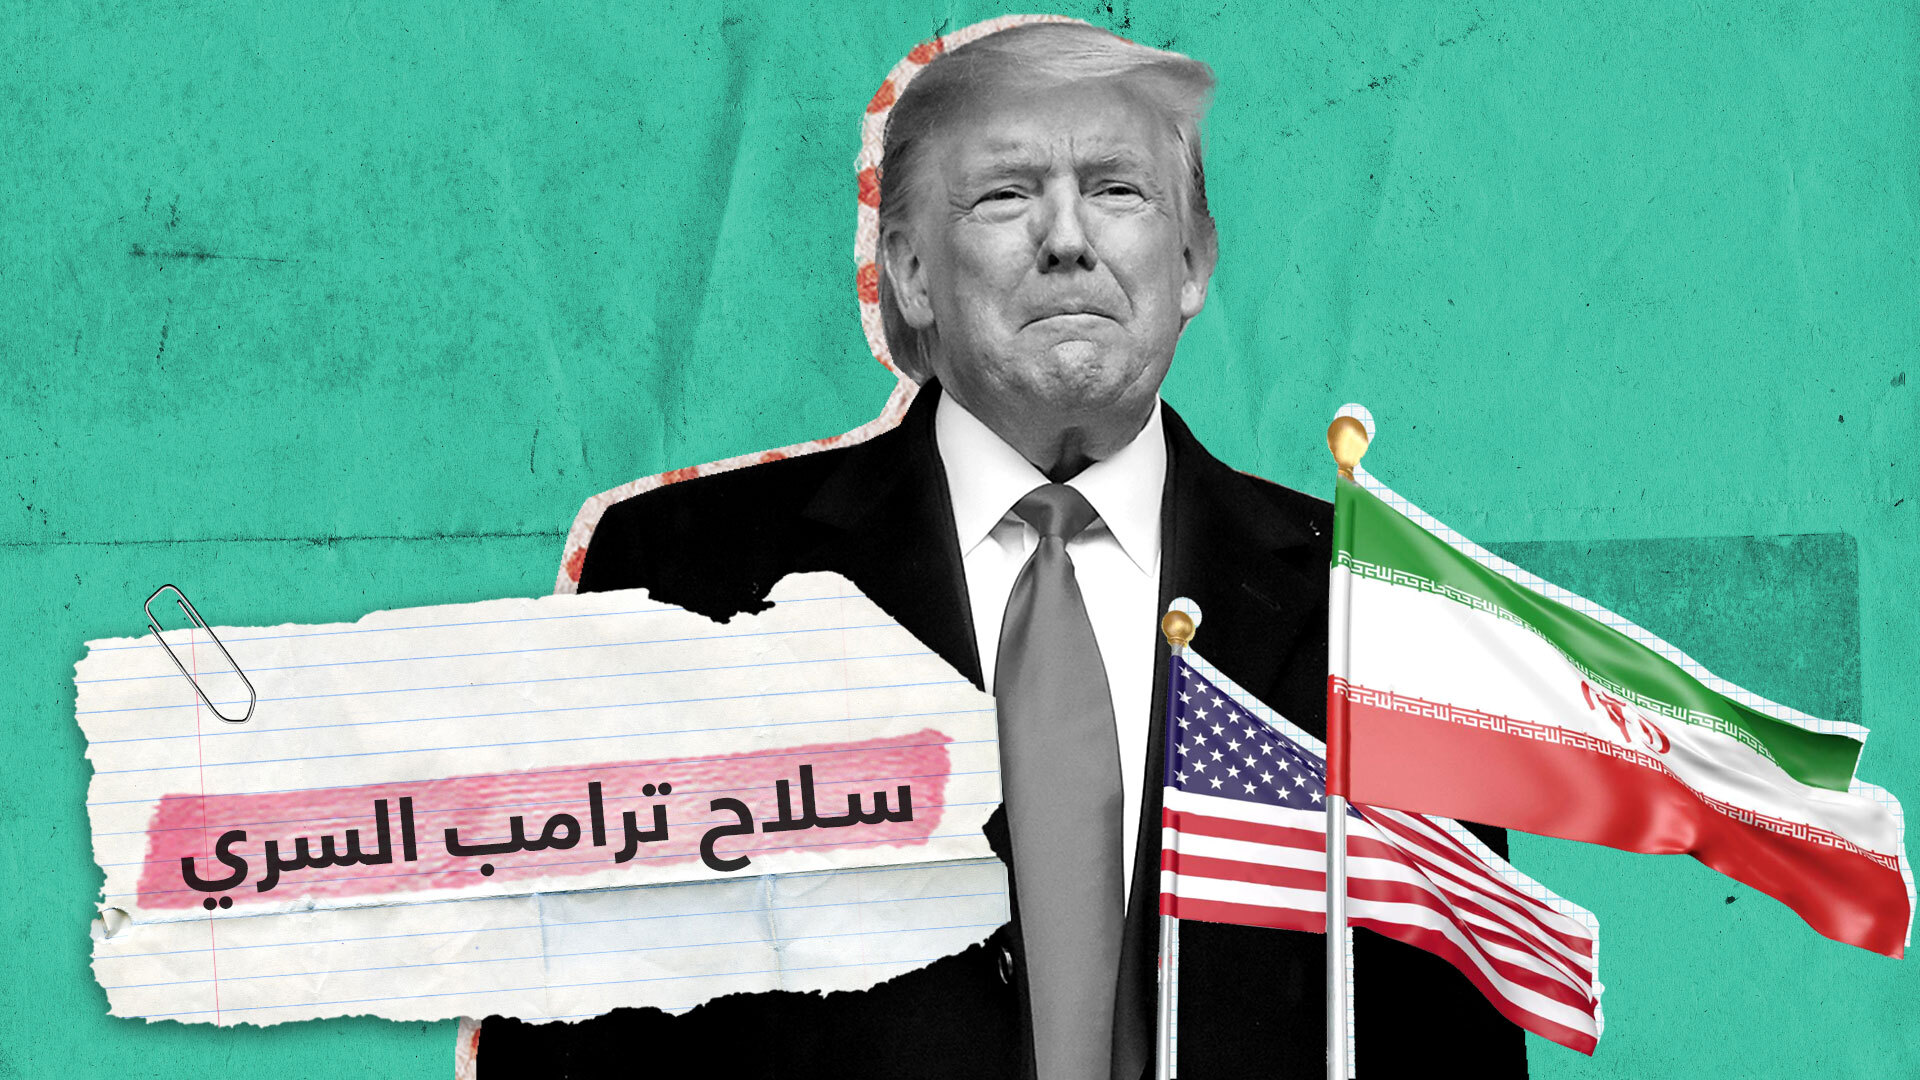 هل أخبرت إيران أو طرف ثالث أمريكا بالضربات على قواعدها قبل تنفيذها؟